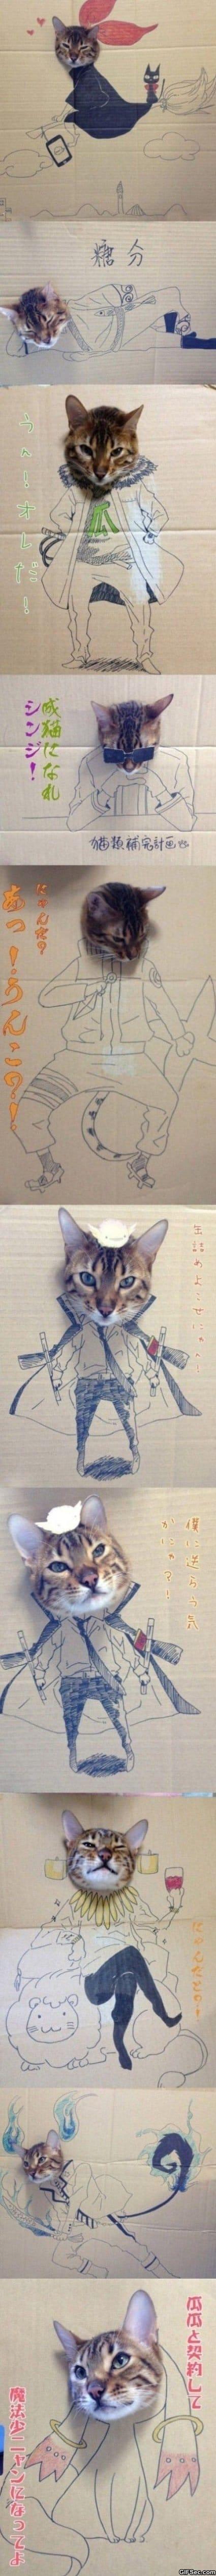 cat-adventures